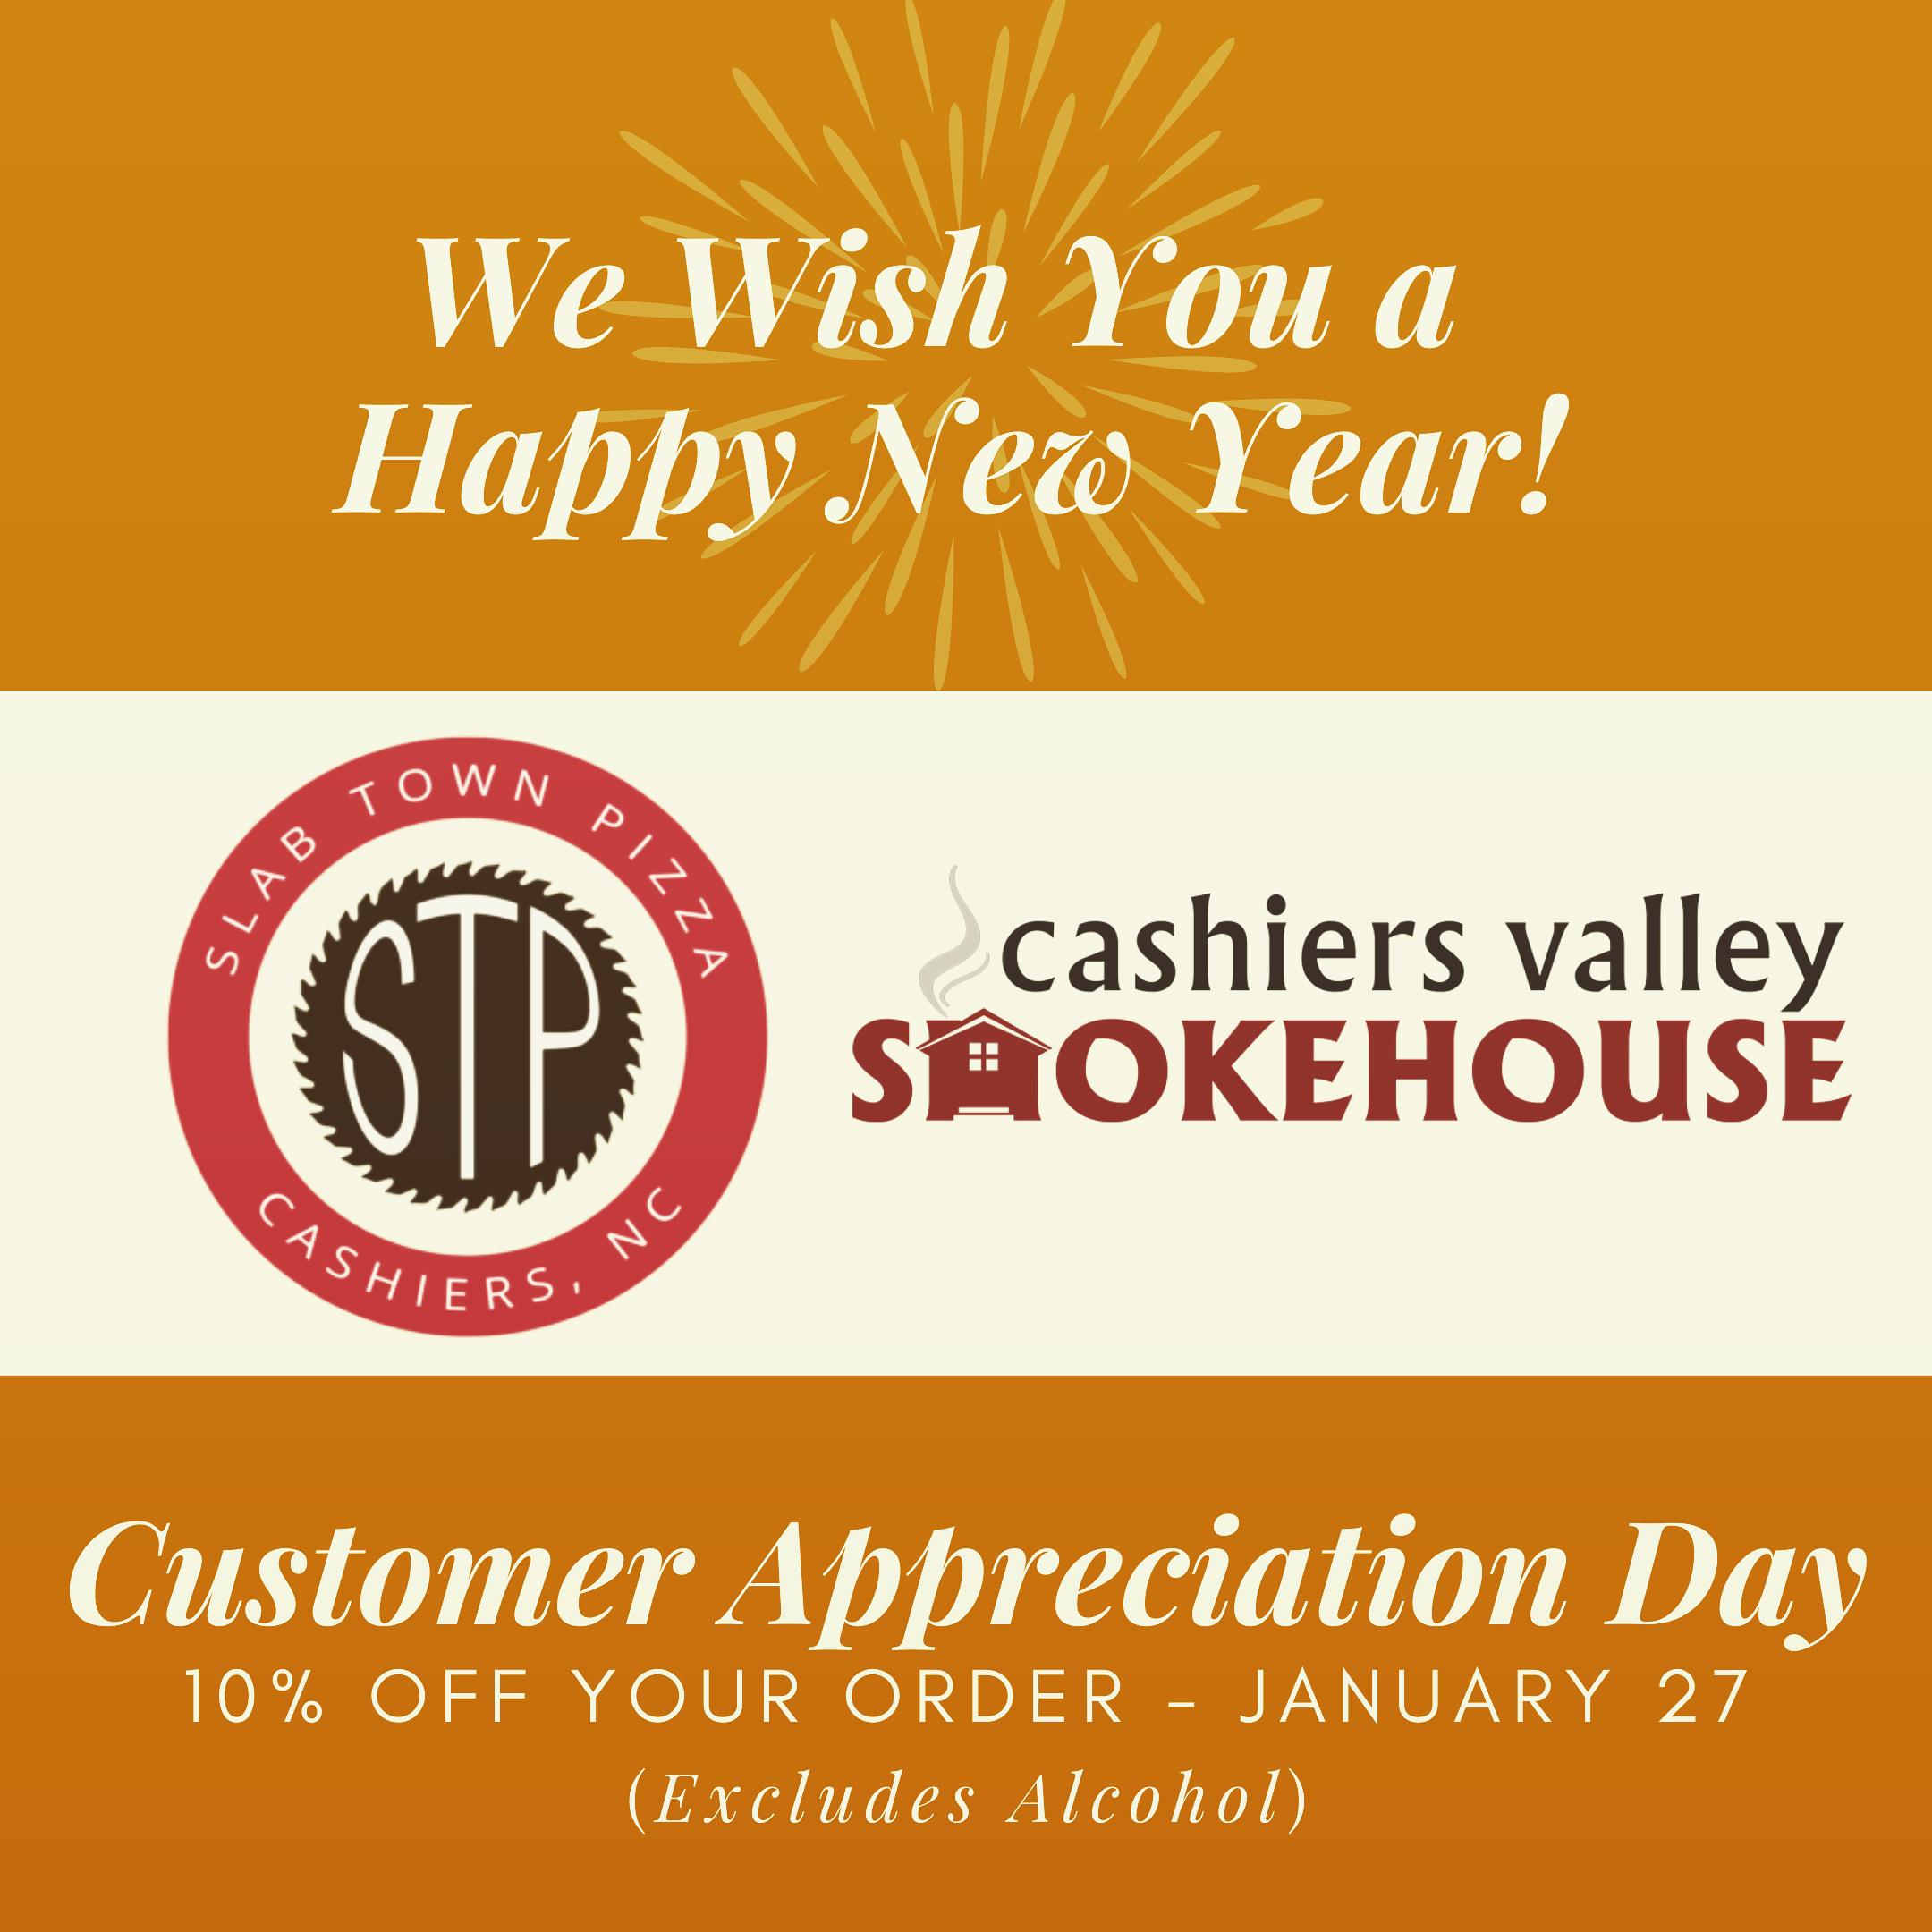 cashiers Smokehouse